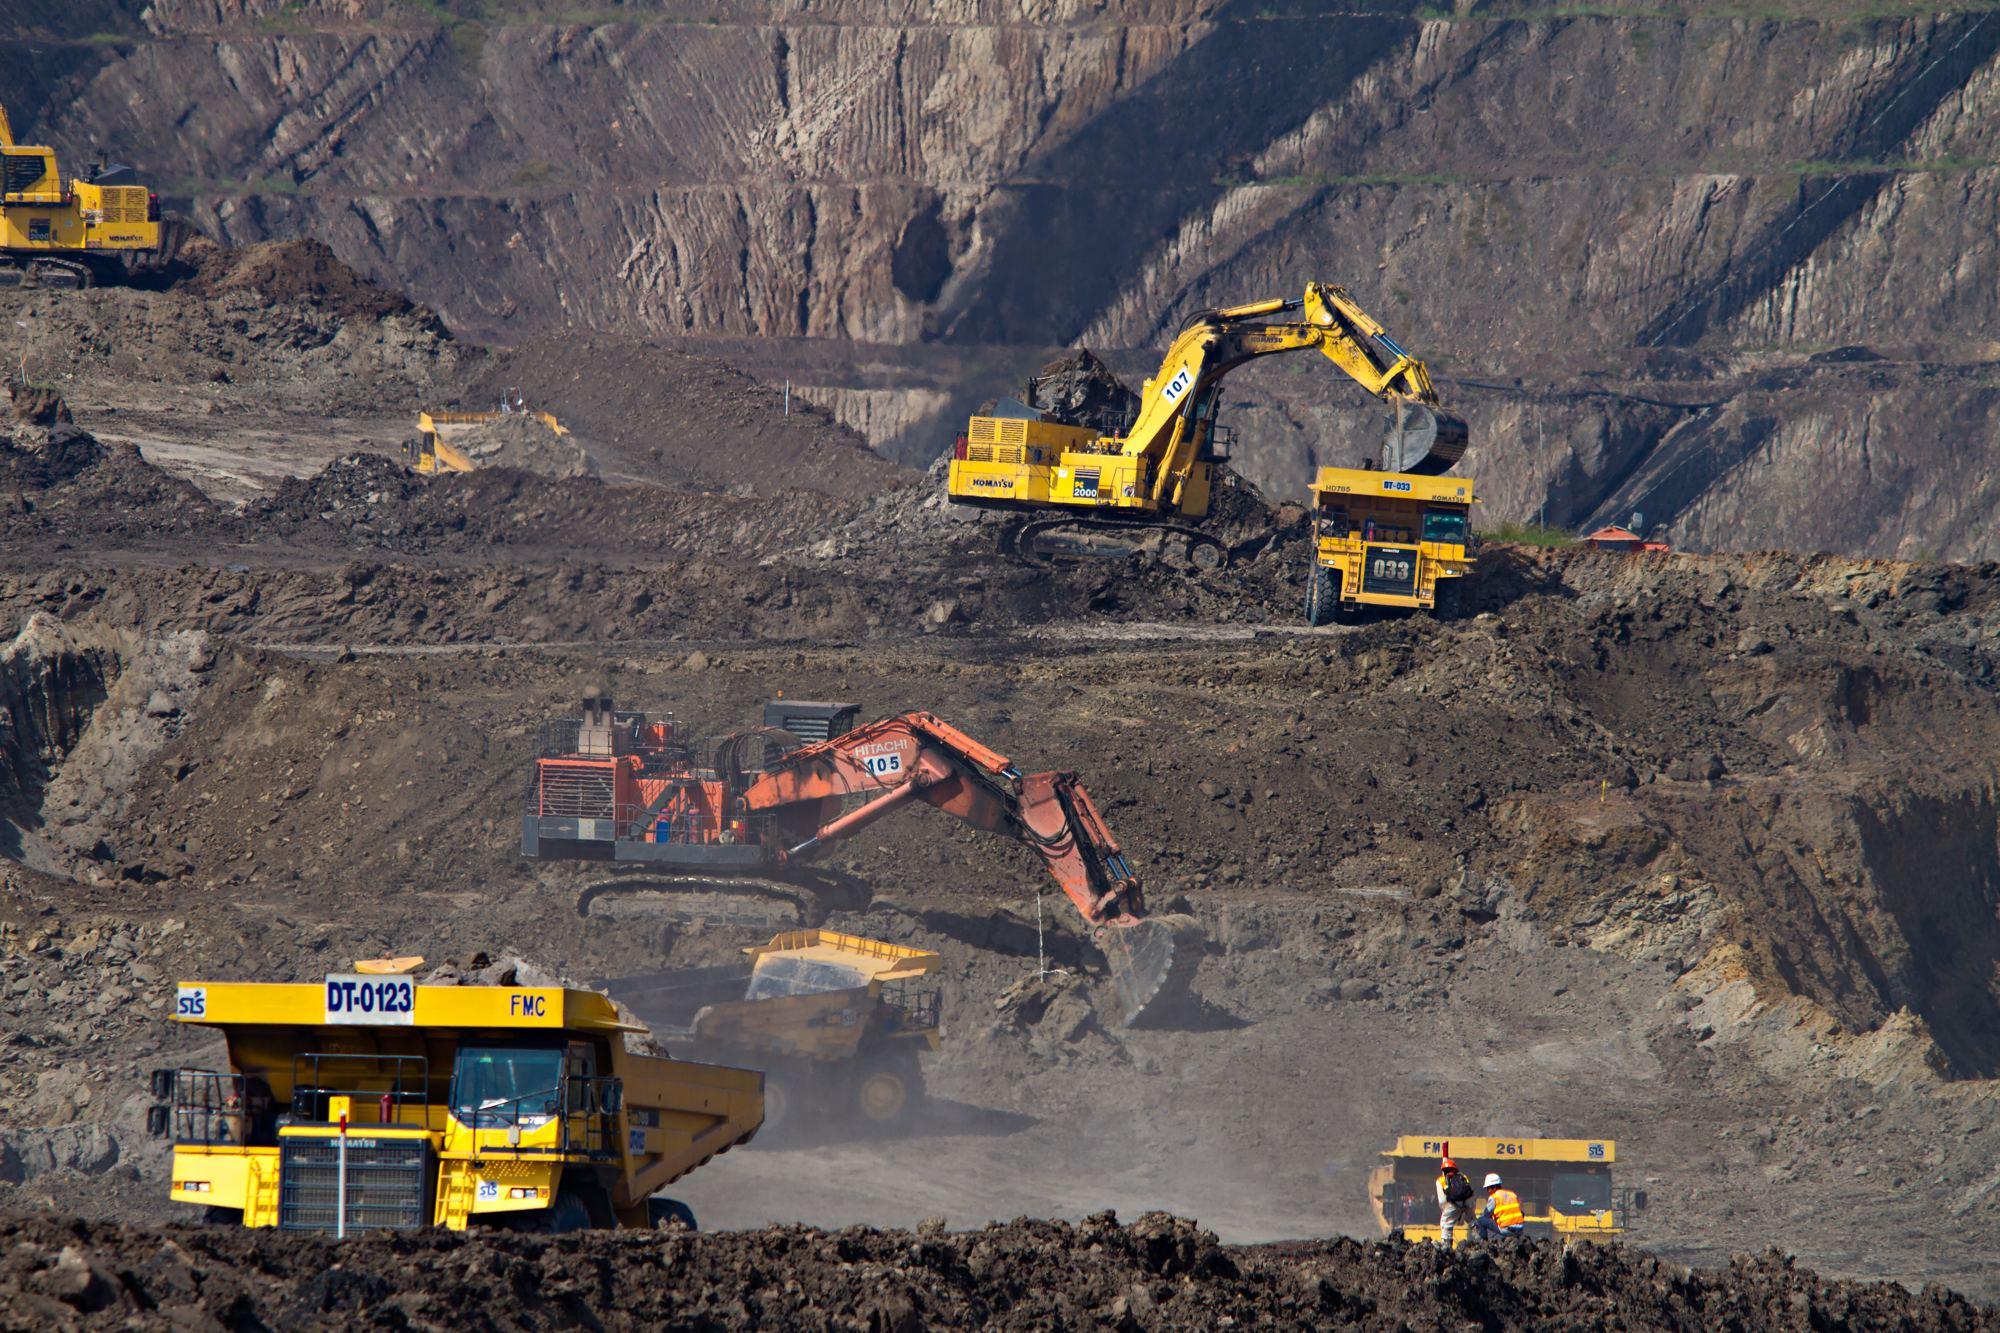 De overdracht van verontreinigde grond, welke risico's zijn hieraan verbonden?